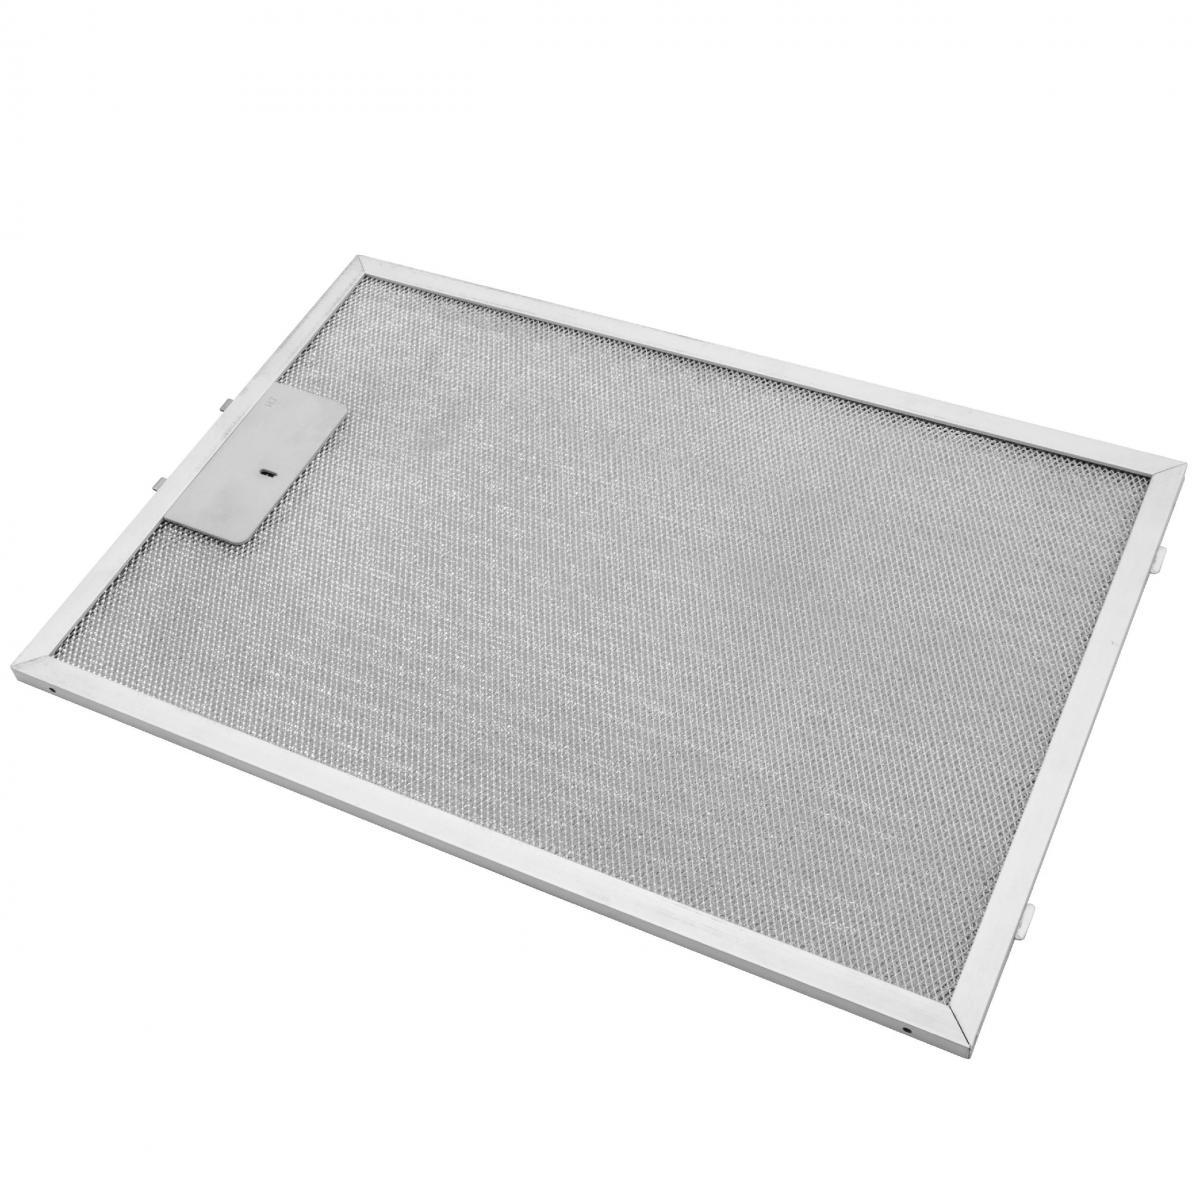 Vhbw vhbw Filtrepermanent filtre à graisse métallique 38,8 x 26,5 x 0,9cm convient pour Pitsos 2MEB 90 X, 3MEB 60 X1 hottes d